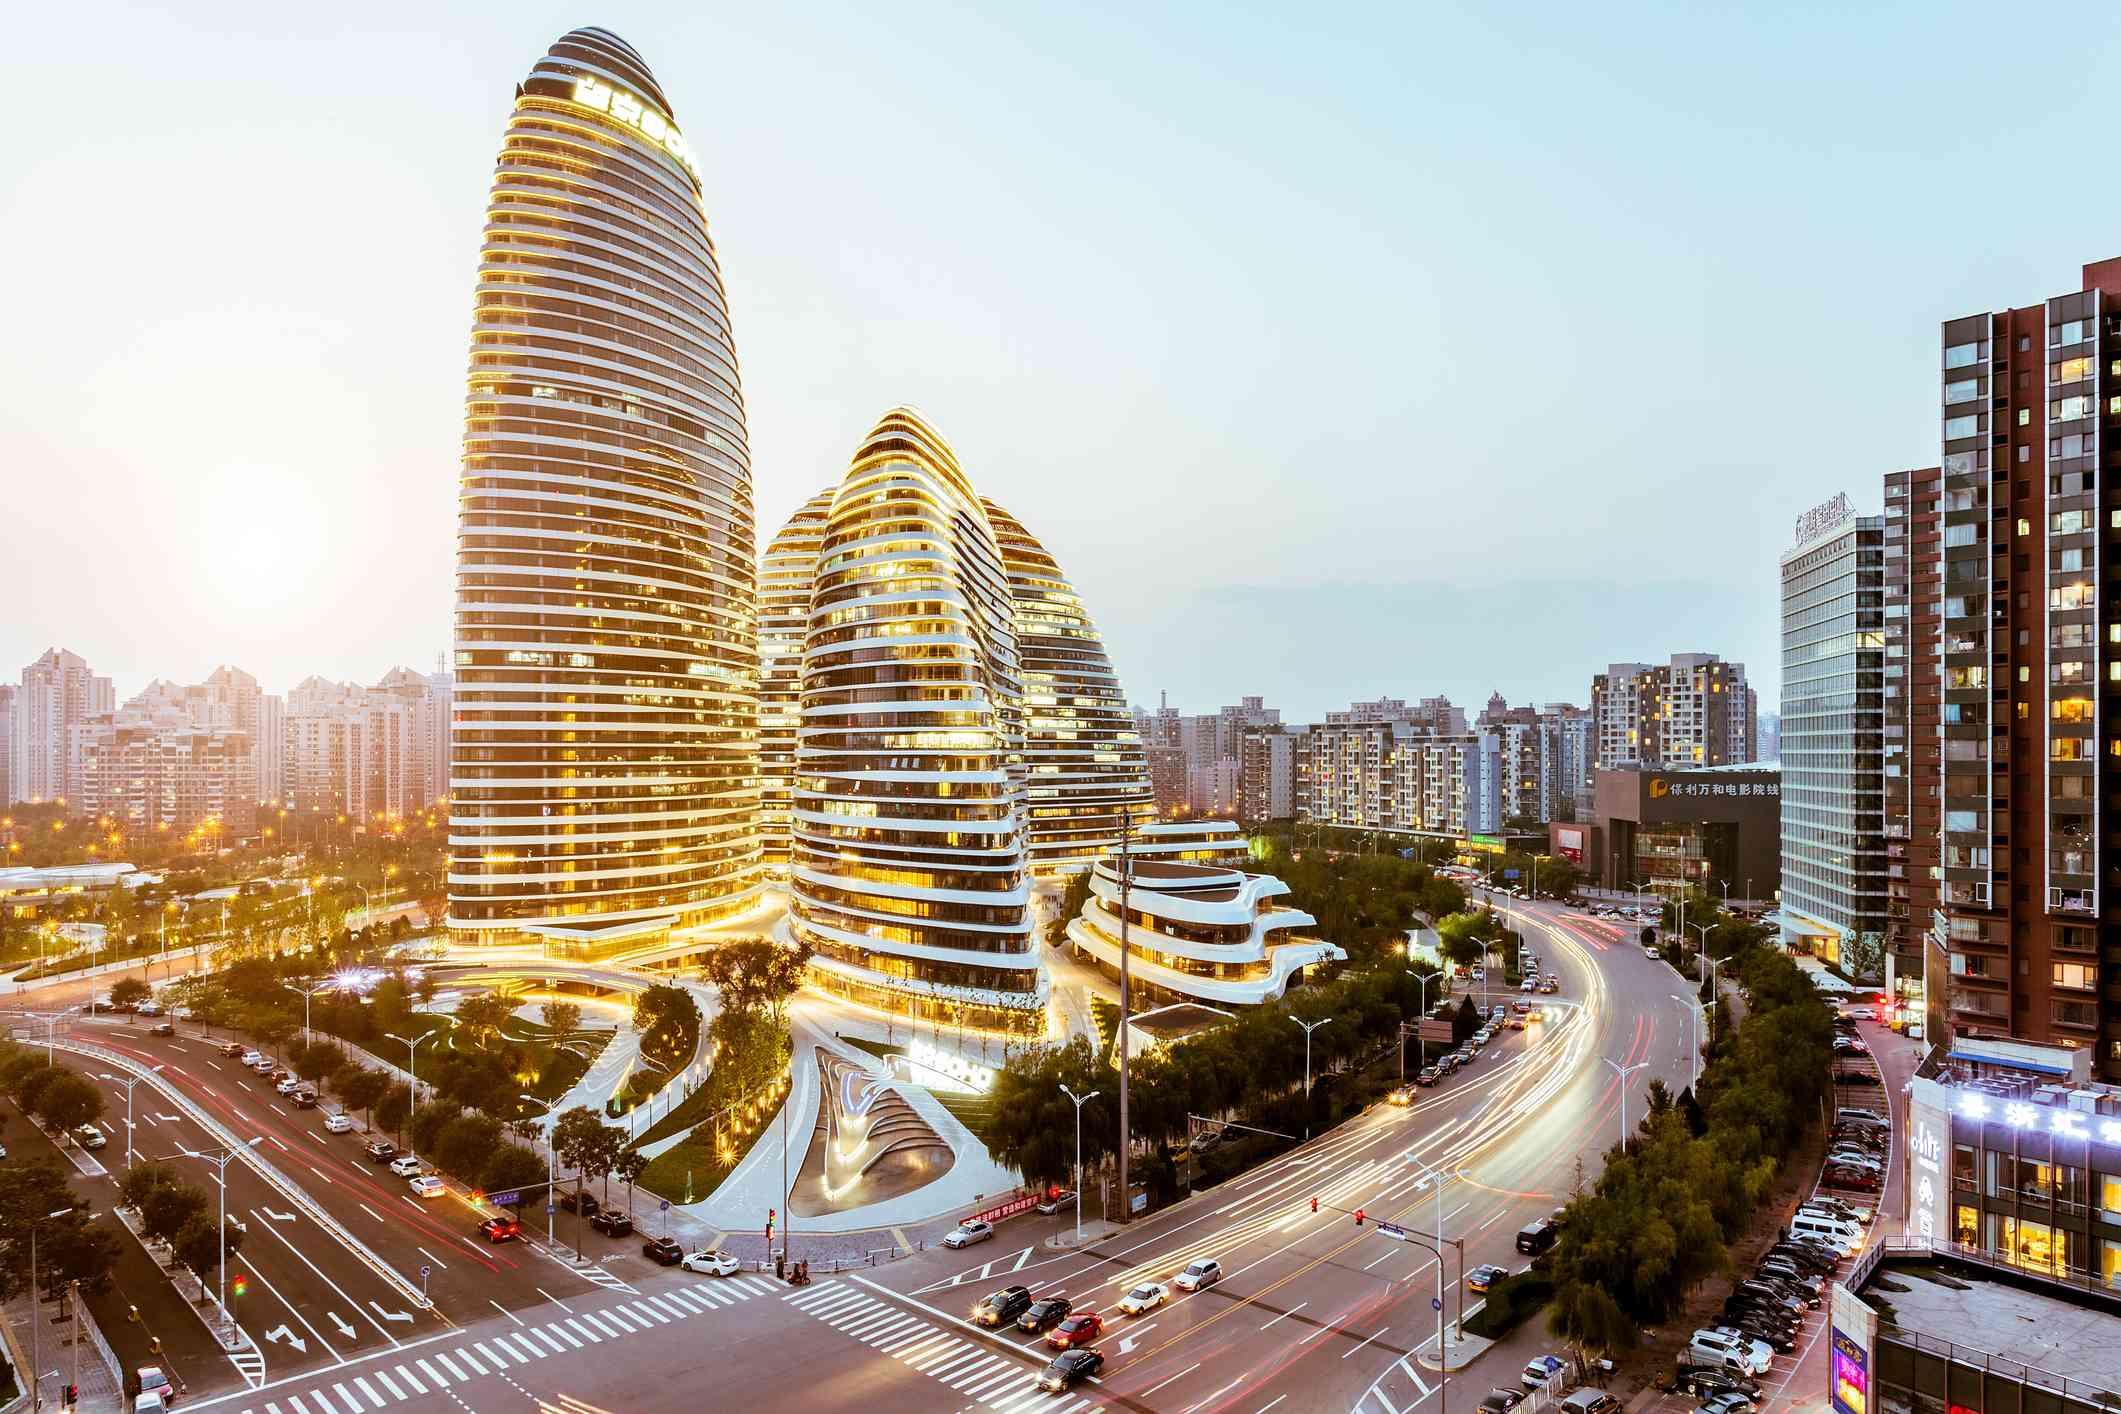 Wangjing SOHO in Beijing, China